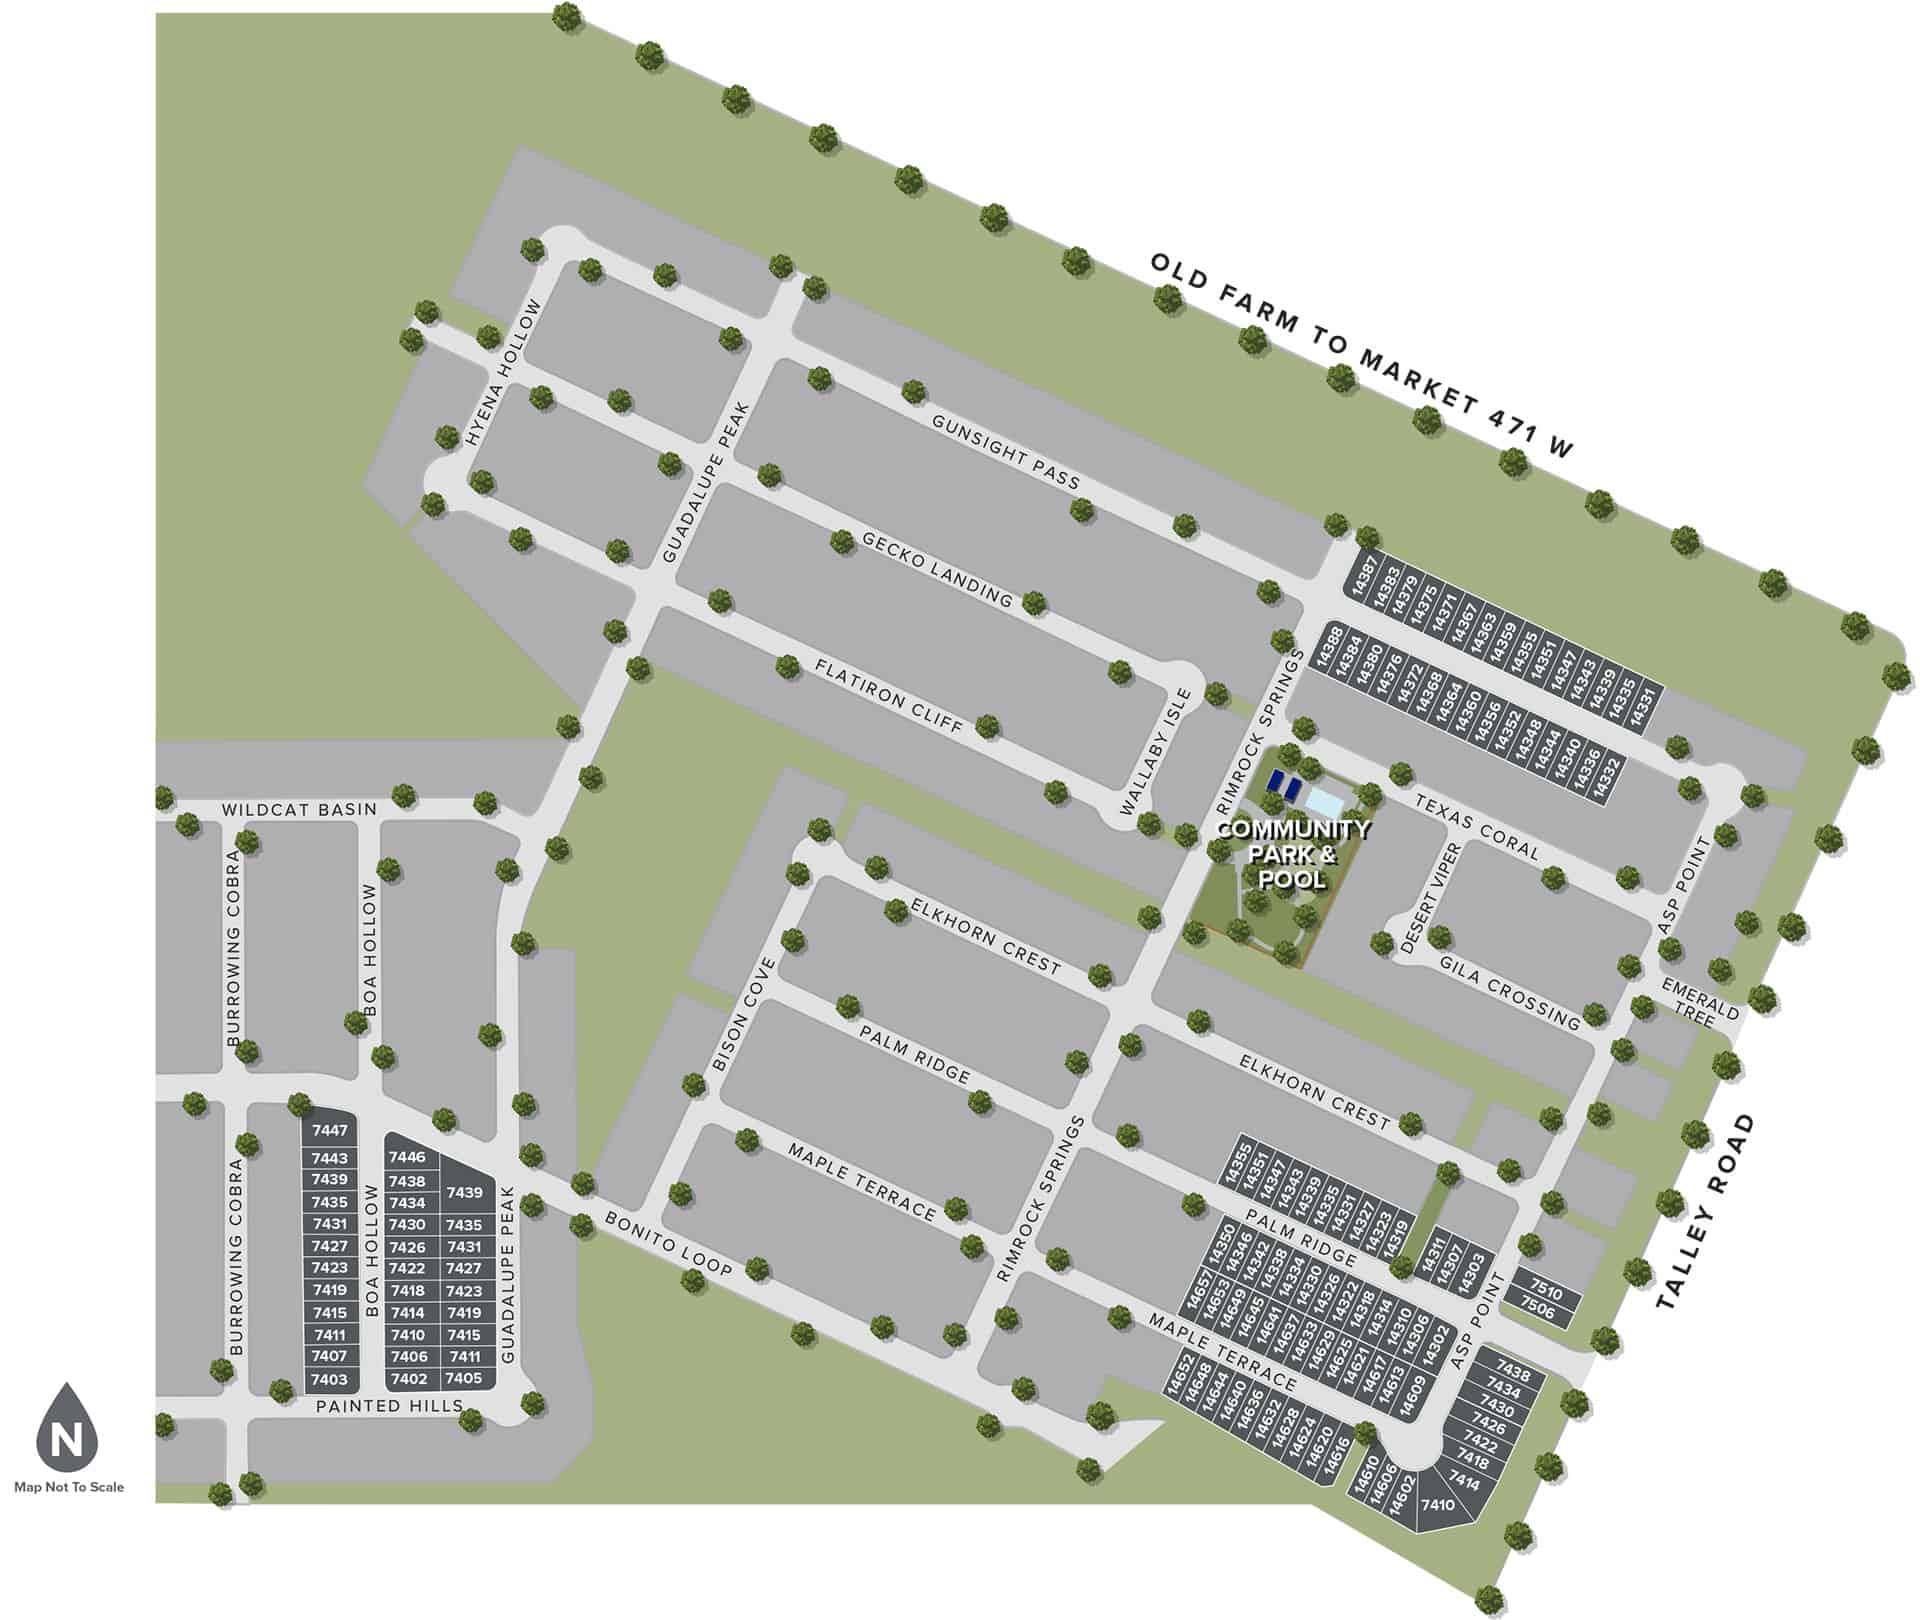 Trails at Culebra site map